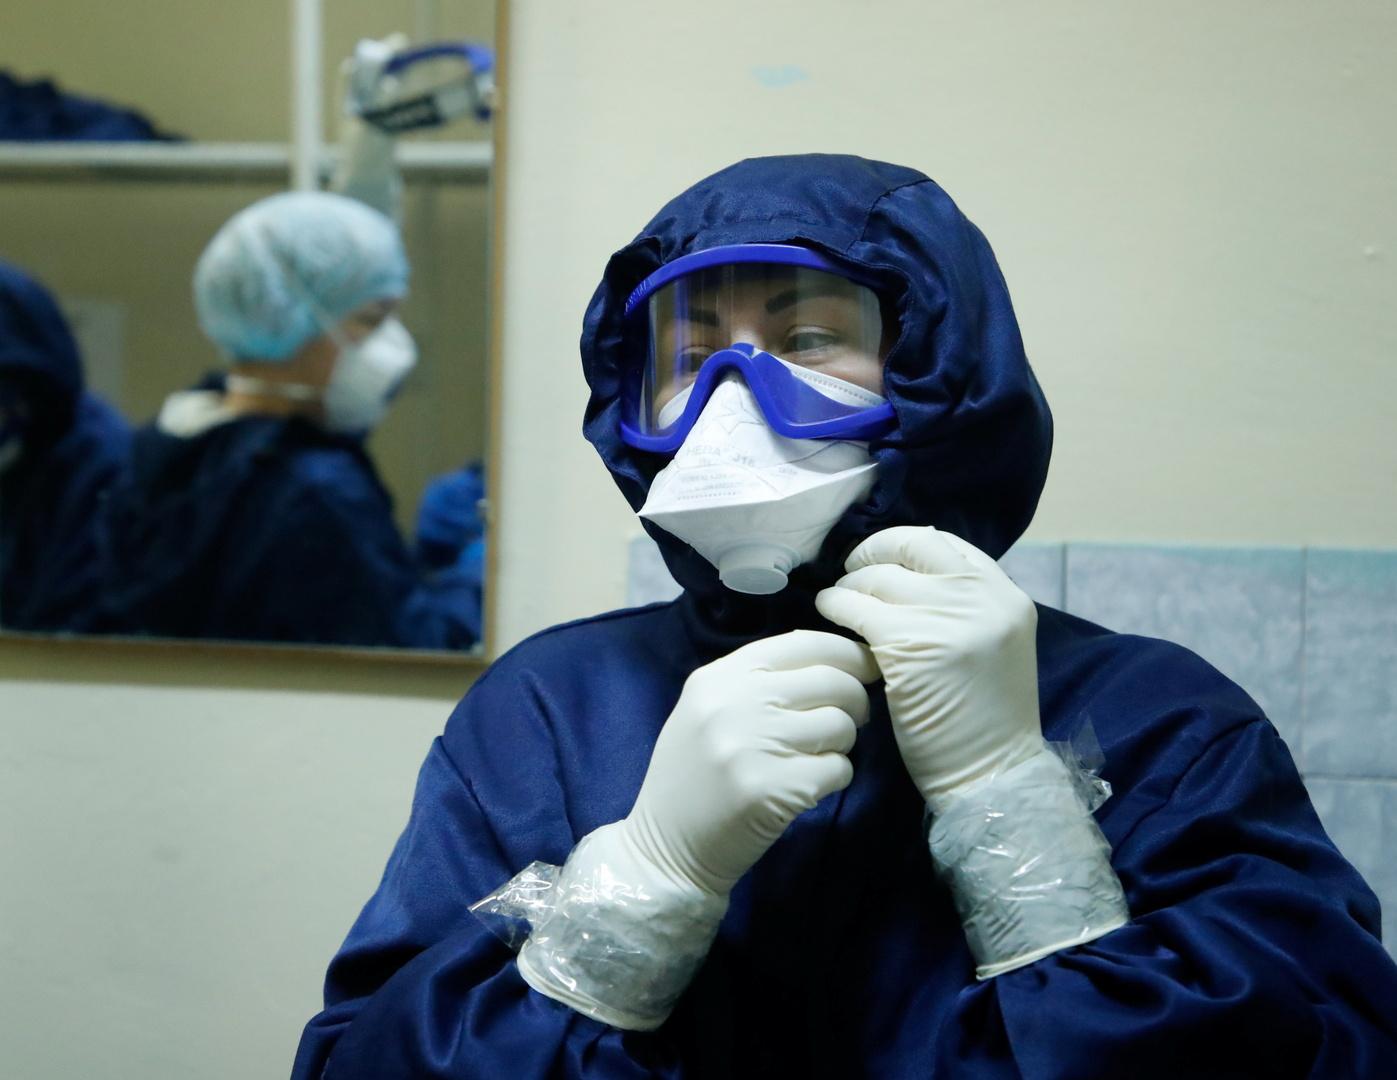 لأول مرة منذ أكتوبر.. أقل من 18 ألف إصابة جديدة بكورونا في روسيا خلال 24 ساعة